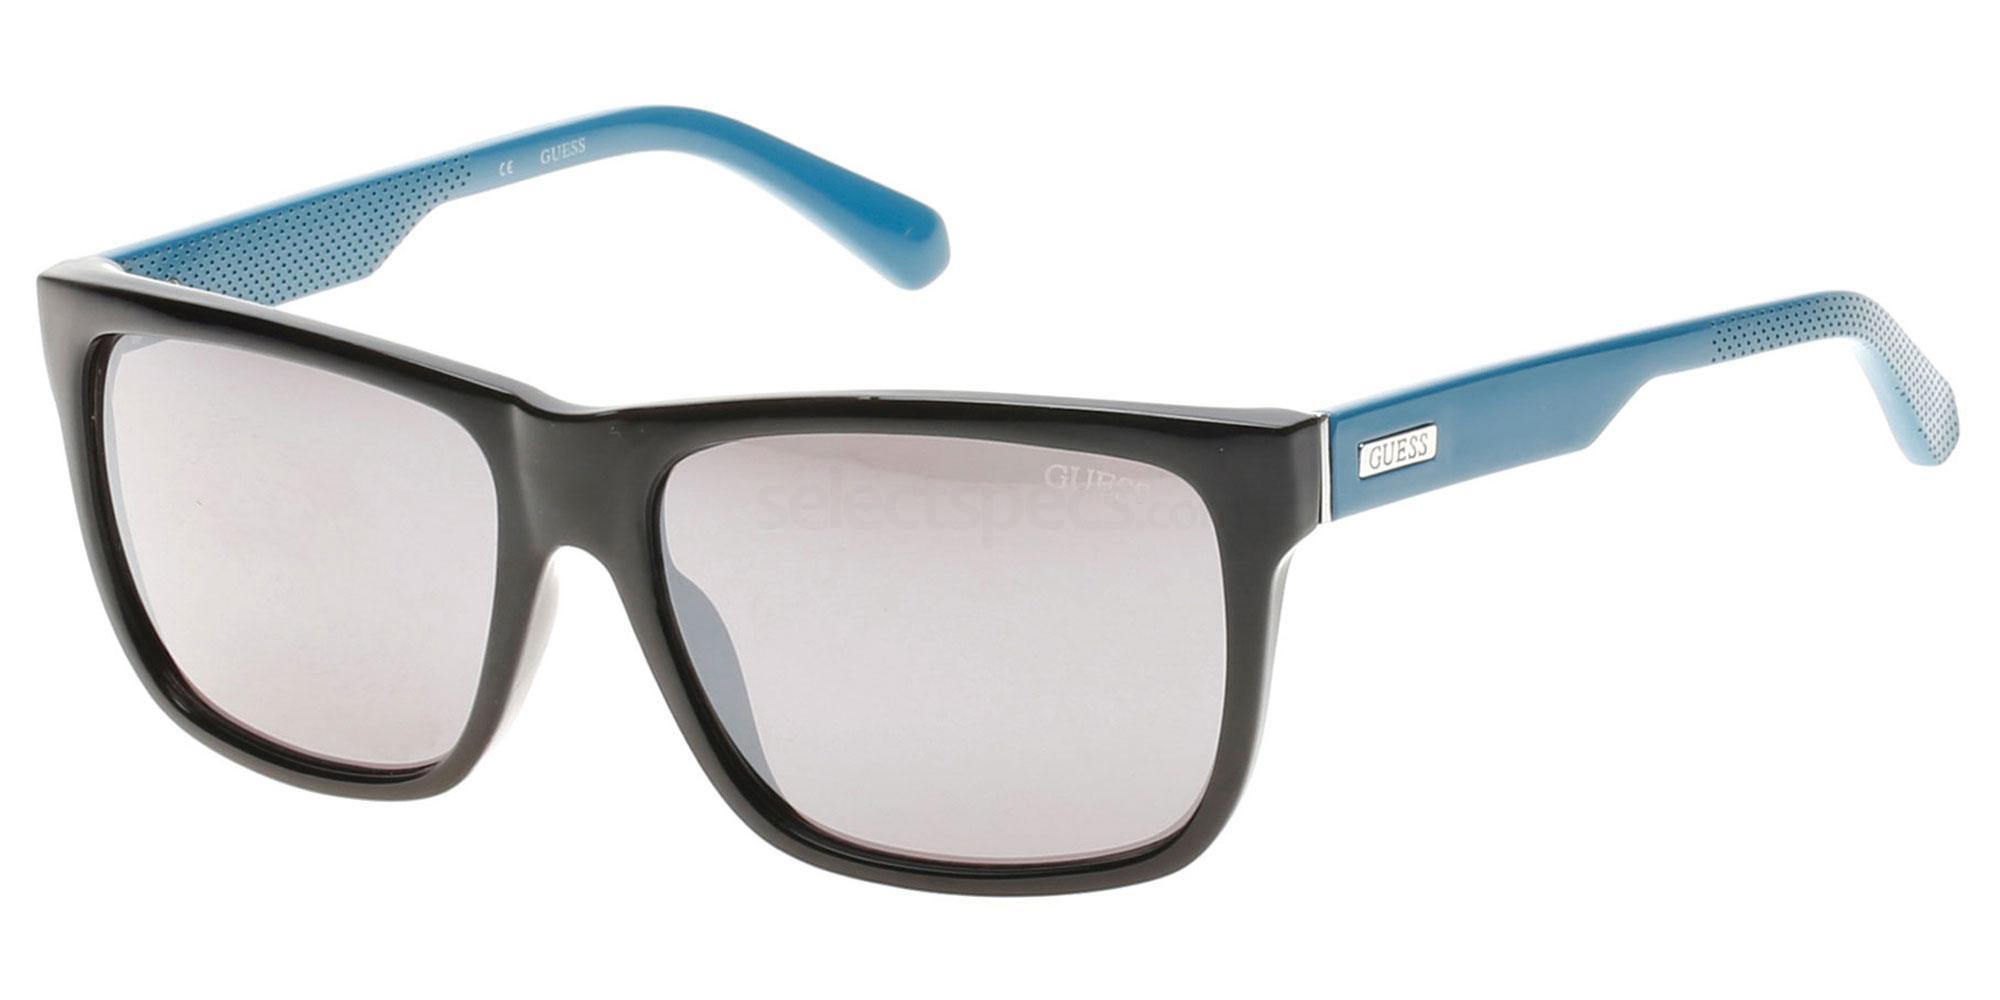 01C GU6838 Sunglasses, Guess